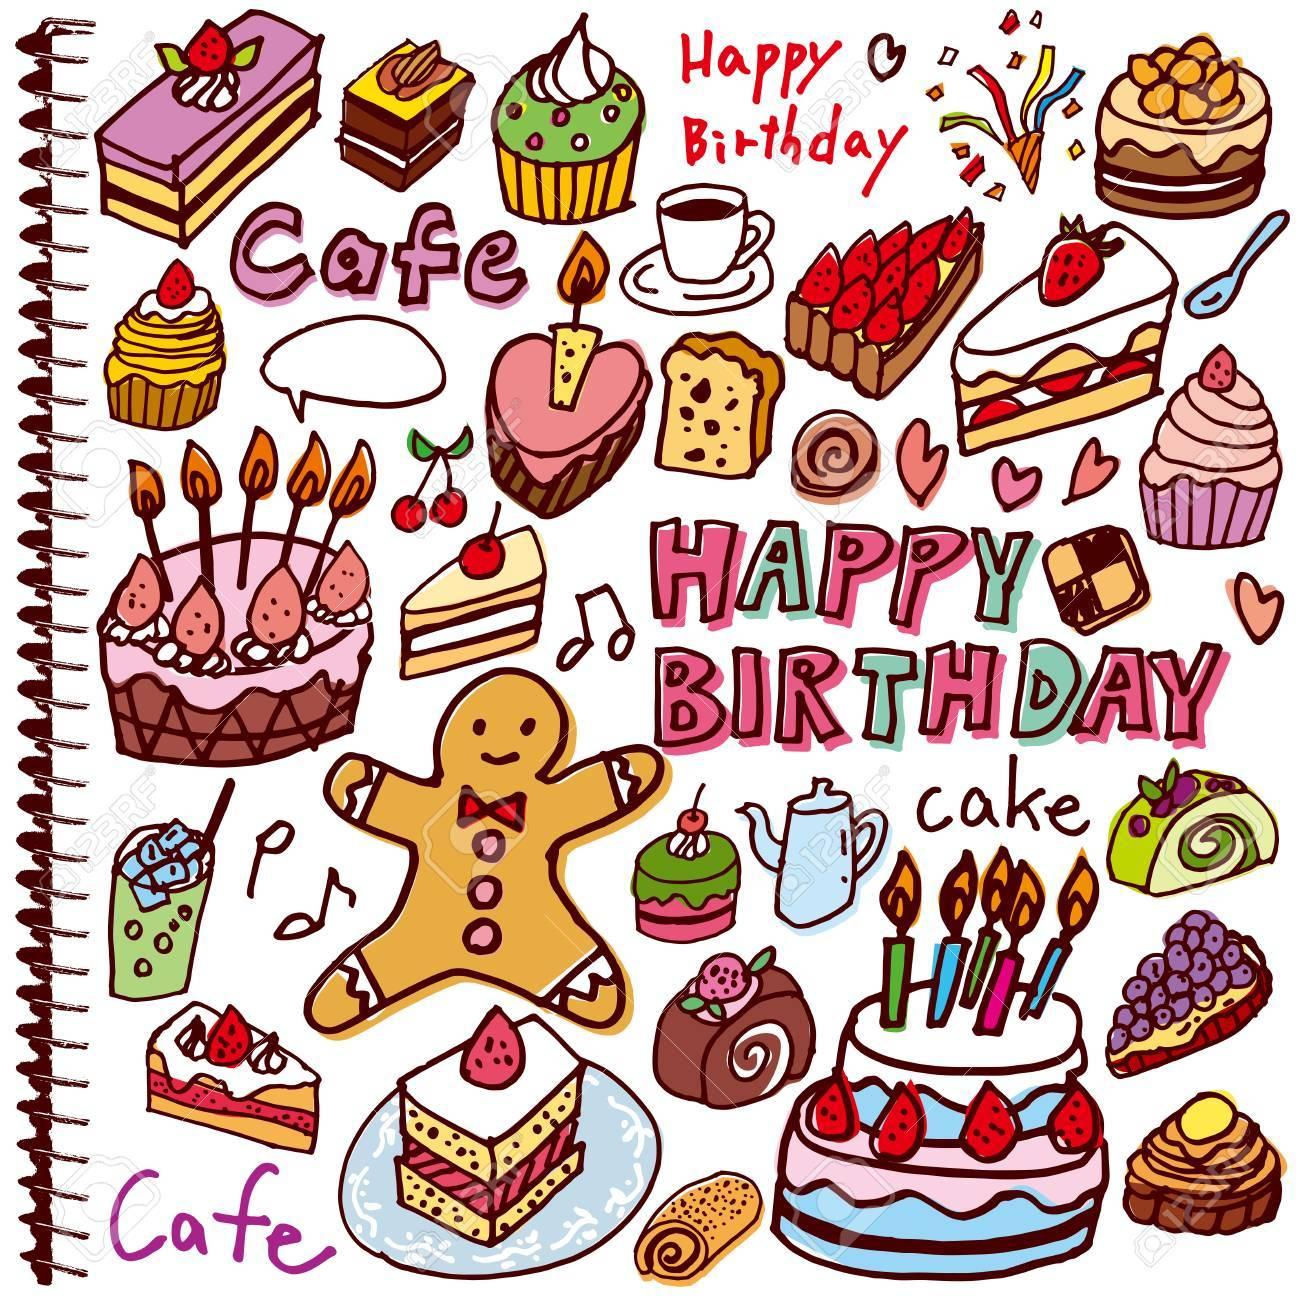 ケーキのイラストのかわいい手書きの